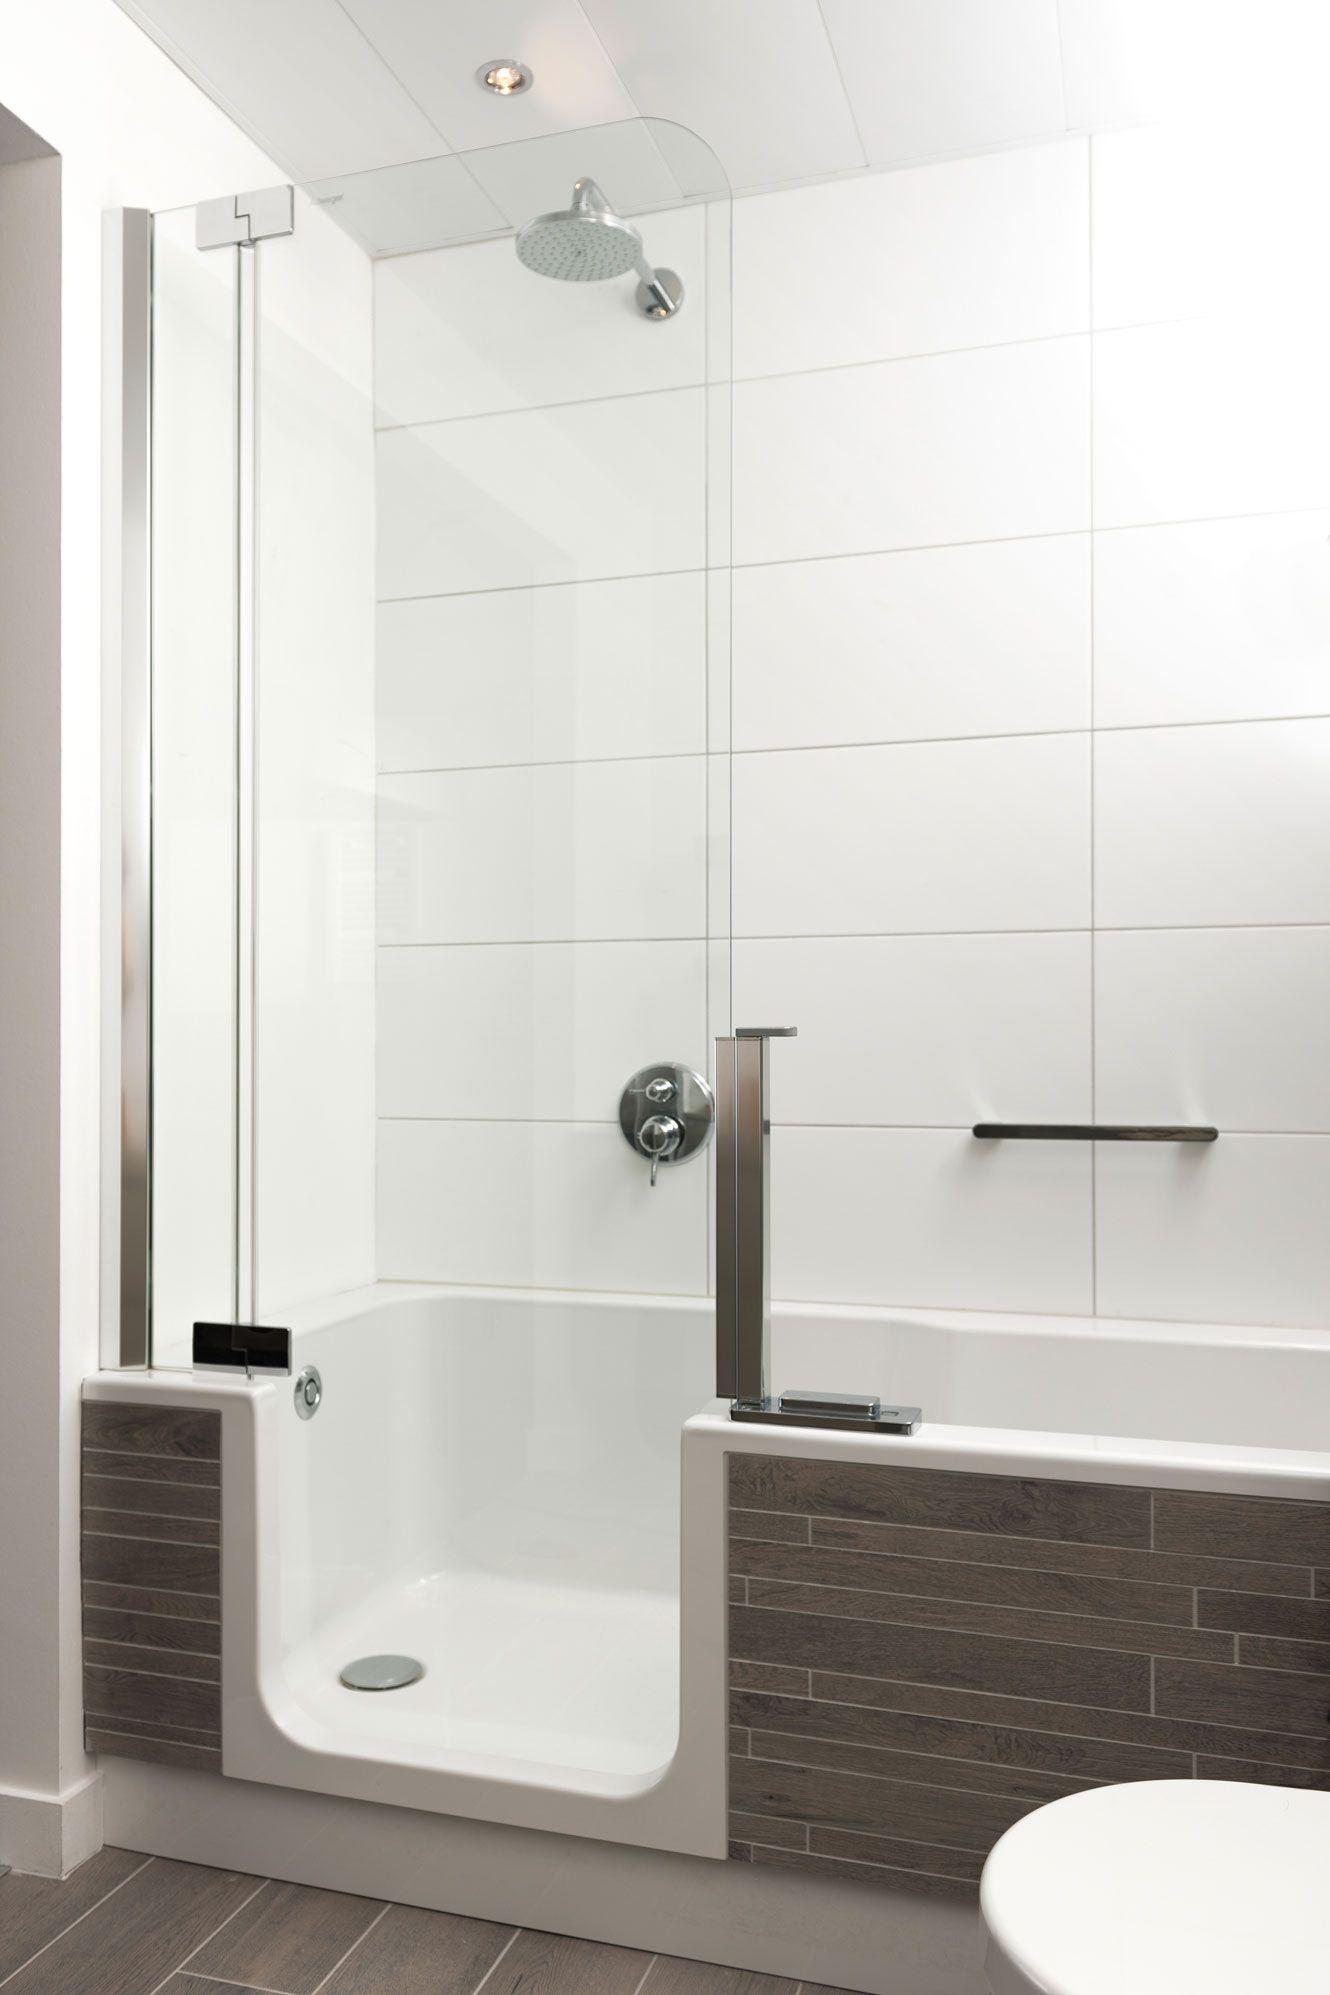 Van deze badkamer krijgt u direct een goed gevoel. Uiterst